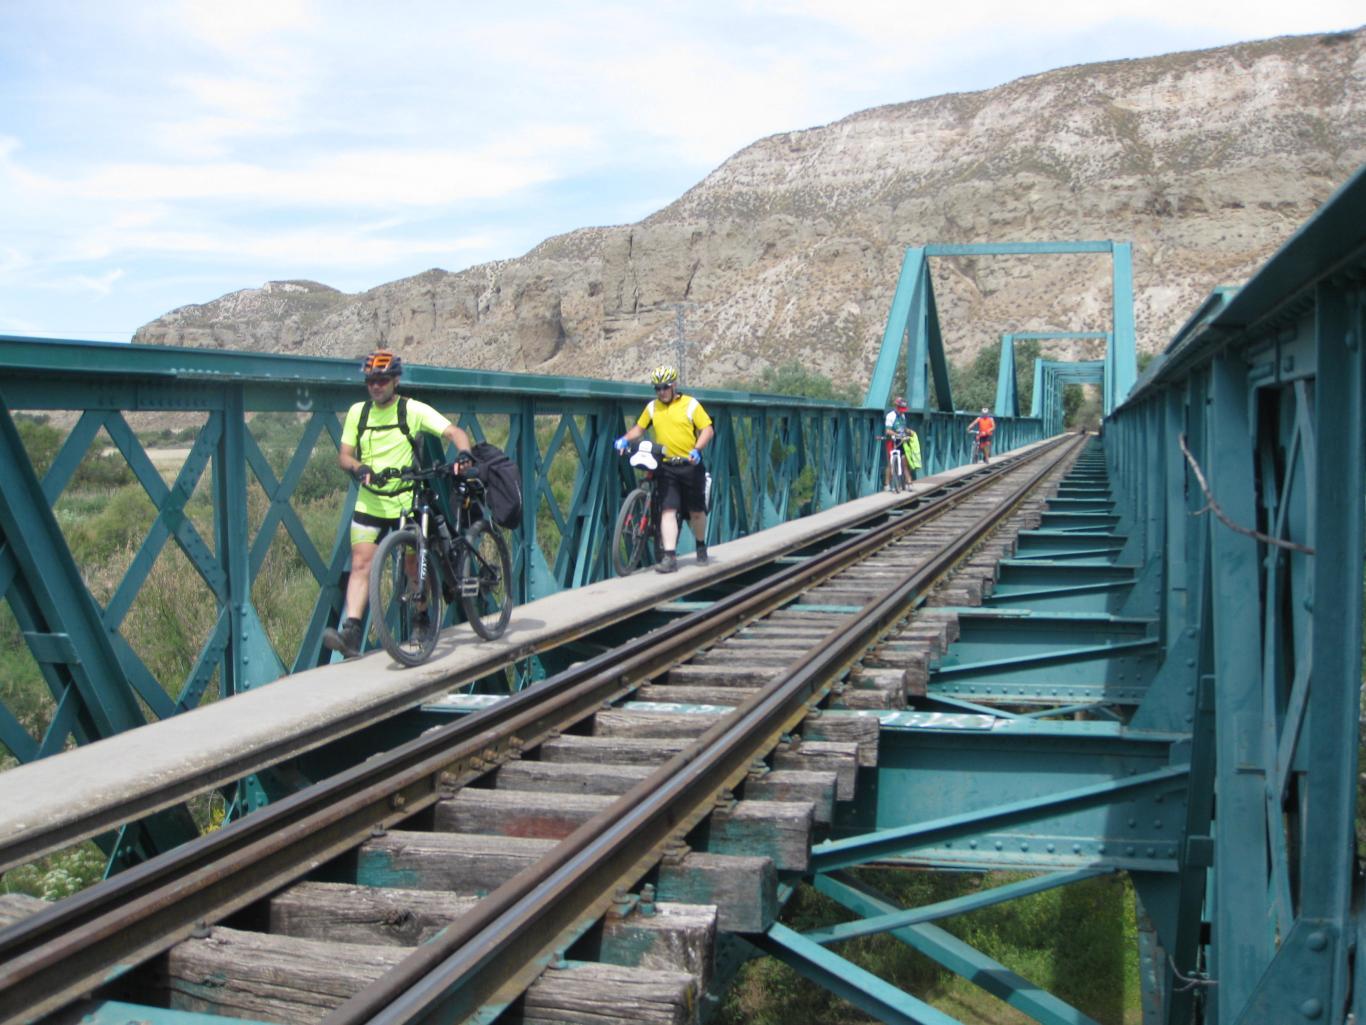 Ciclistas cruzando a pie el puente de hierro del antiguo tren de Arganda, sobre el río Jarama